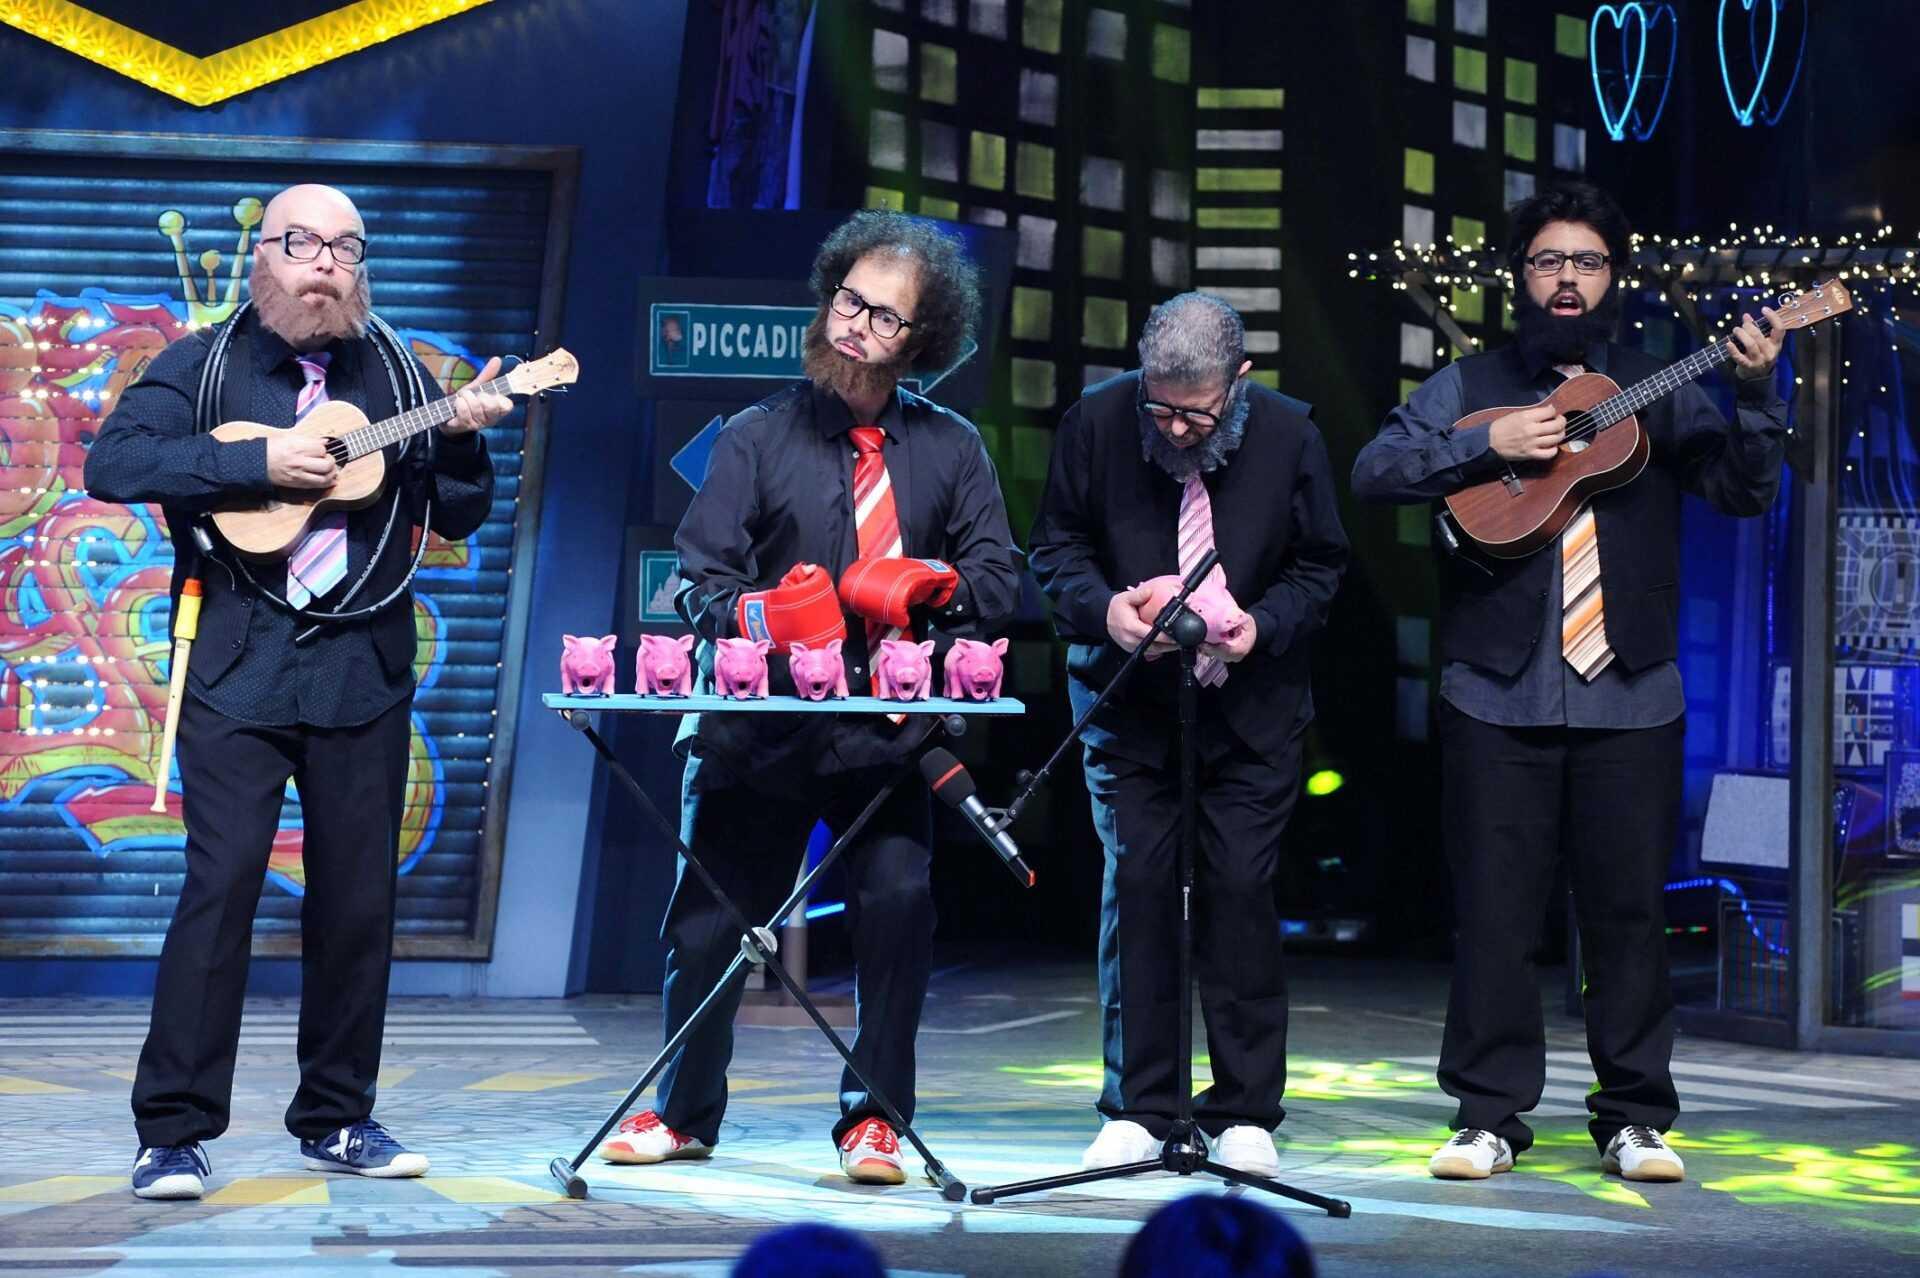 Musica e risate questa sera nella Metropolis di Comedy Central | Digitale terrestre: Dtti.it